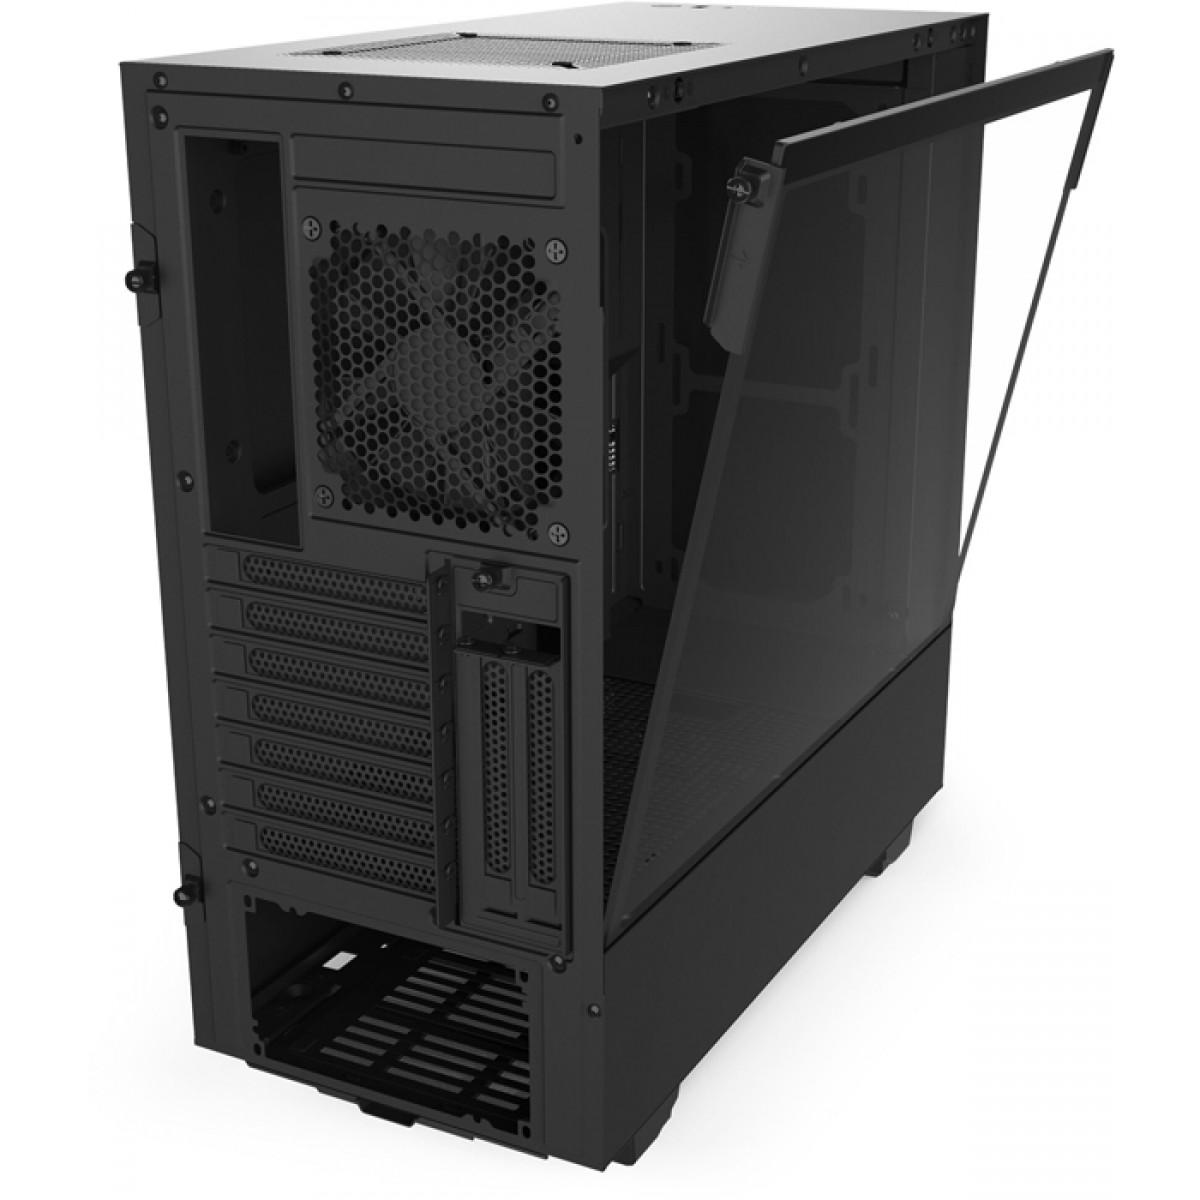 Gabinete Gamer NZXT H510i, Mid Tower, Vidro Temperado, Black, Sem Fonte, Com 2 Fans, CA-H510I-B1